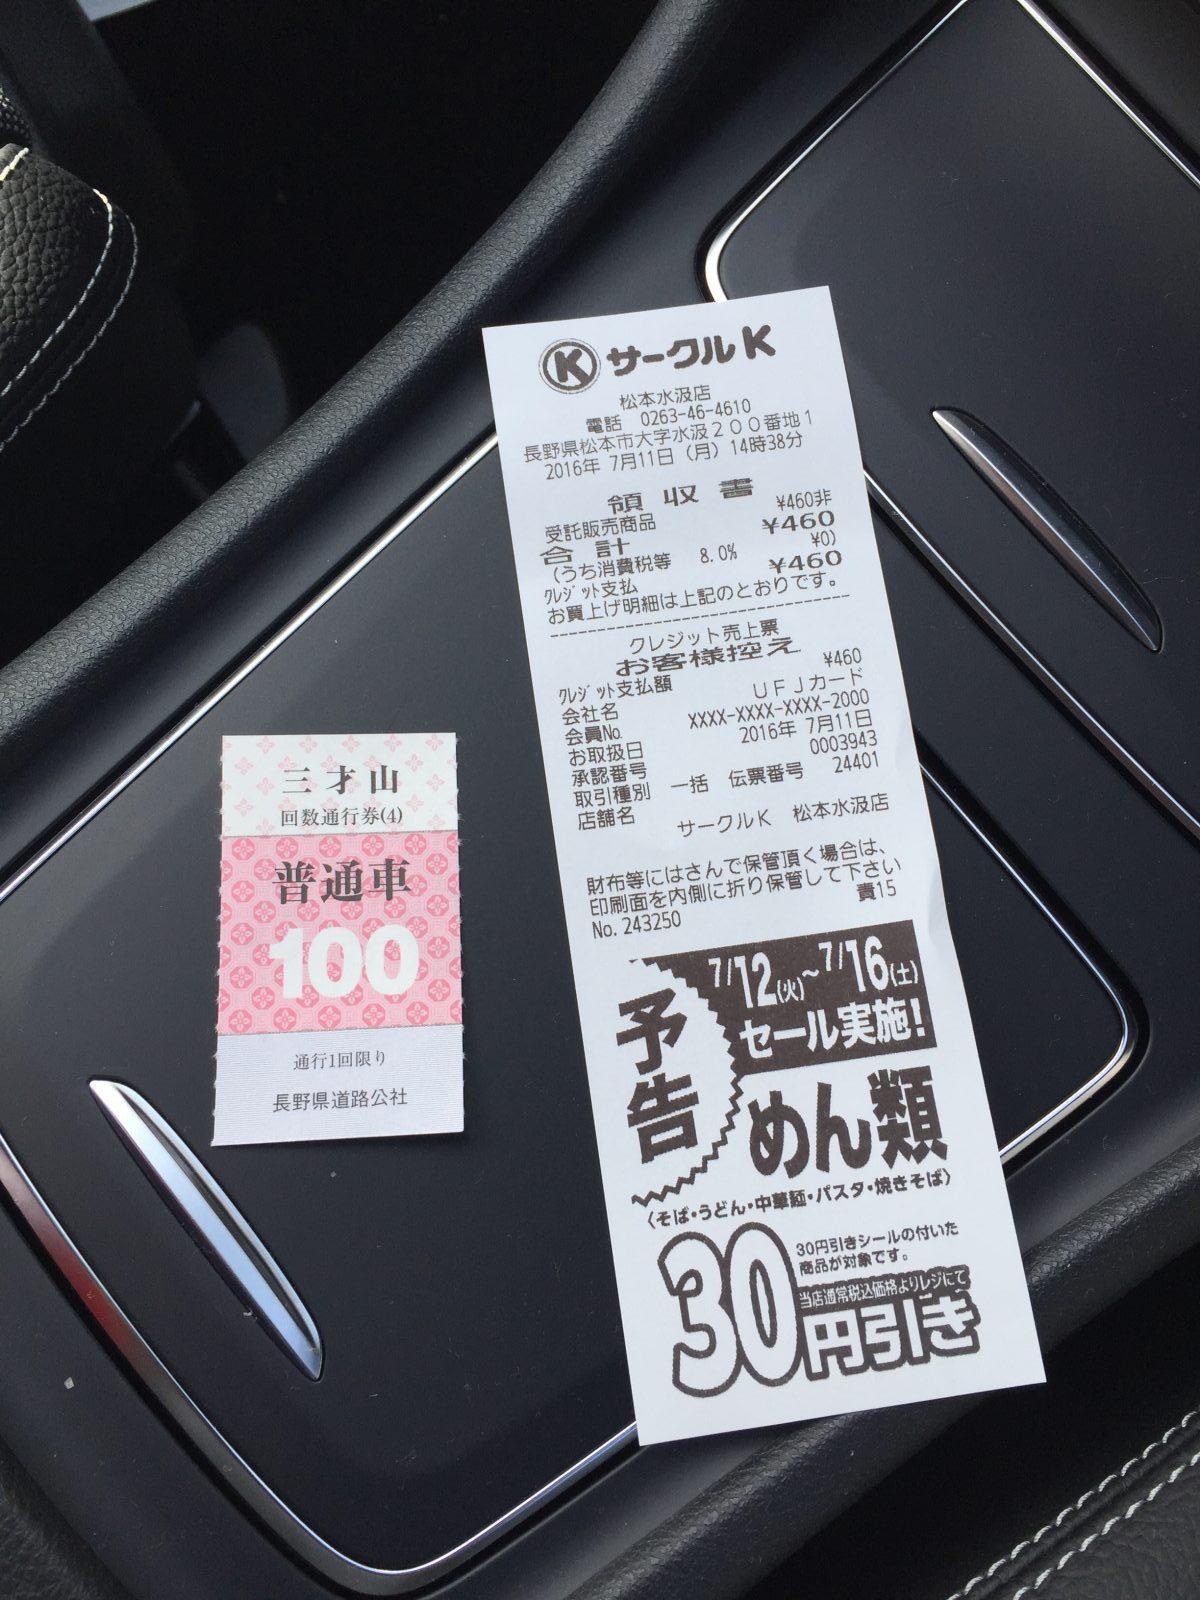 松本市界隈の有料道路の回数券について